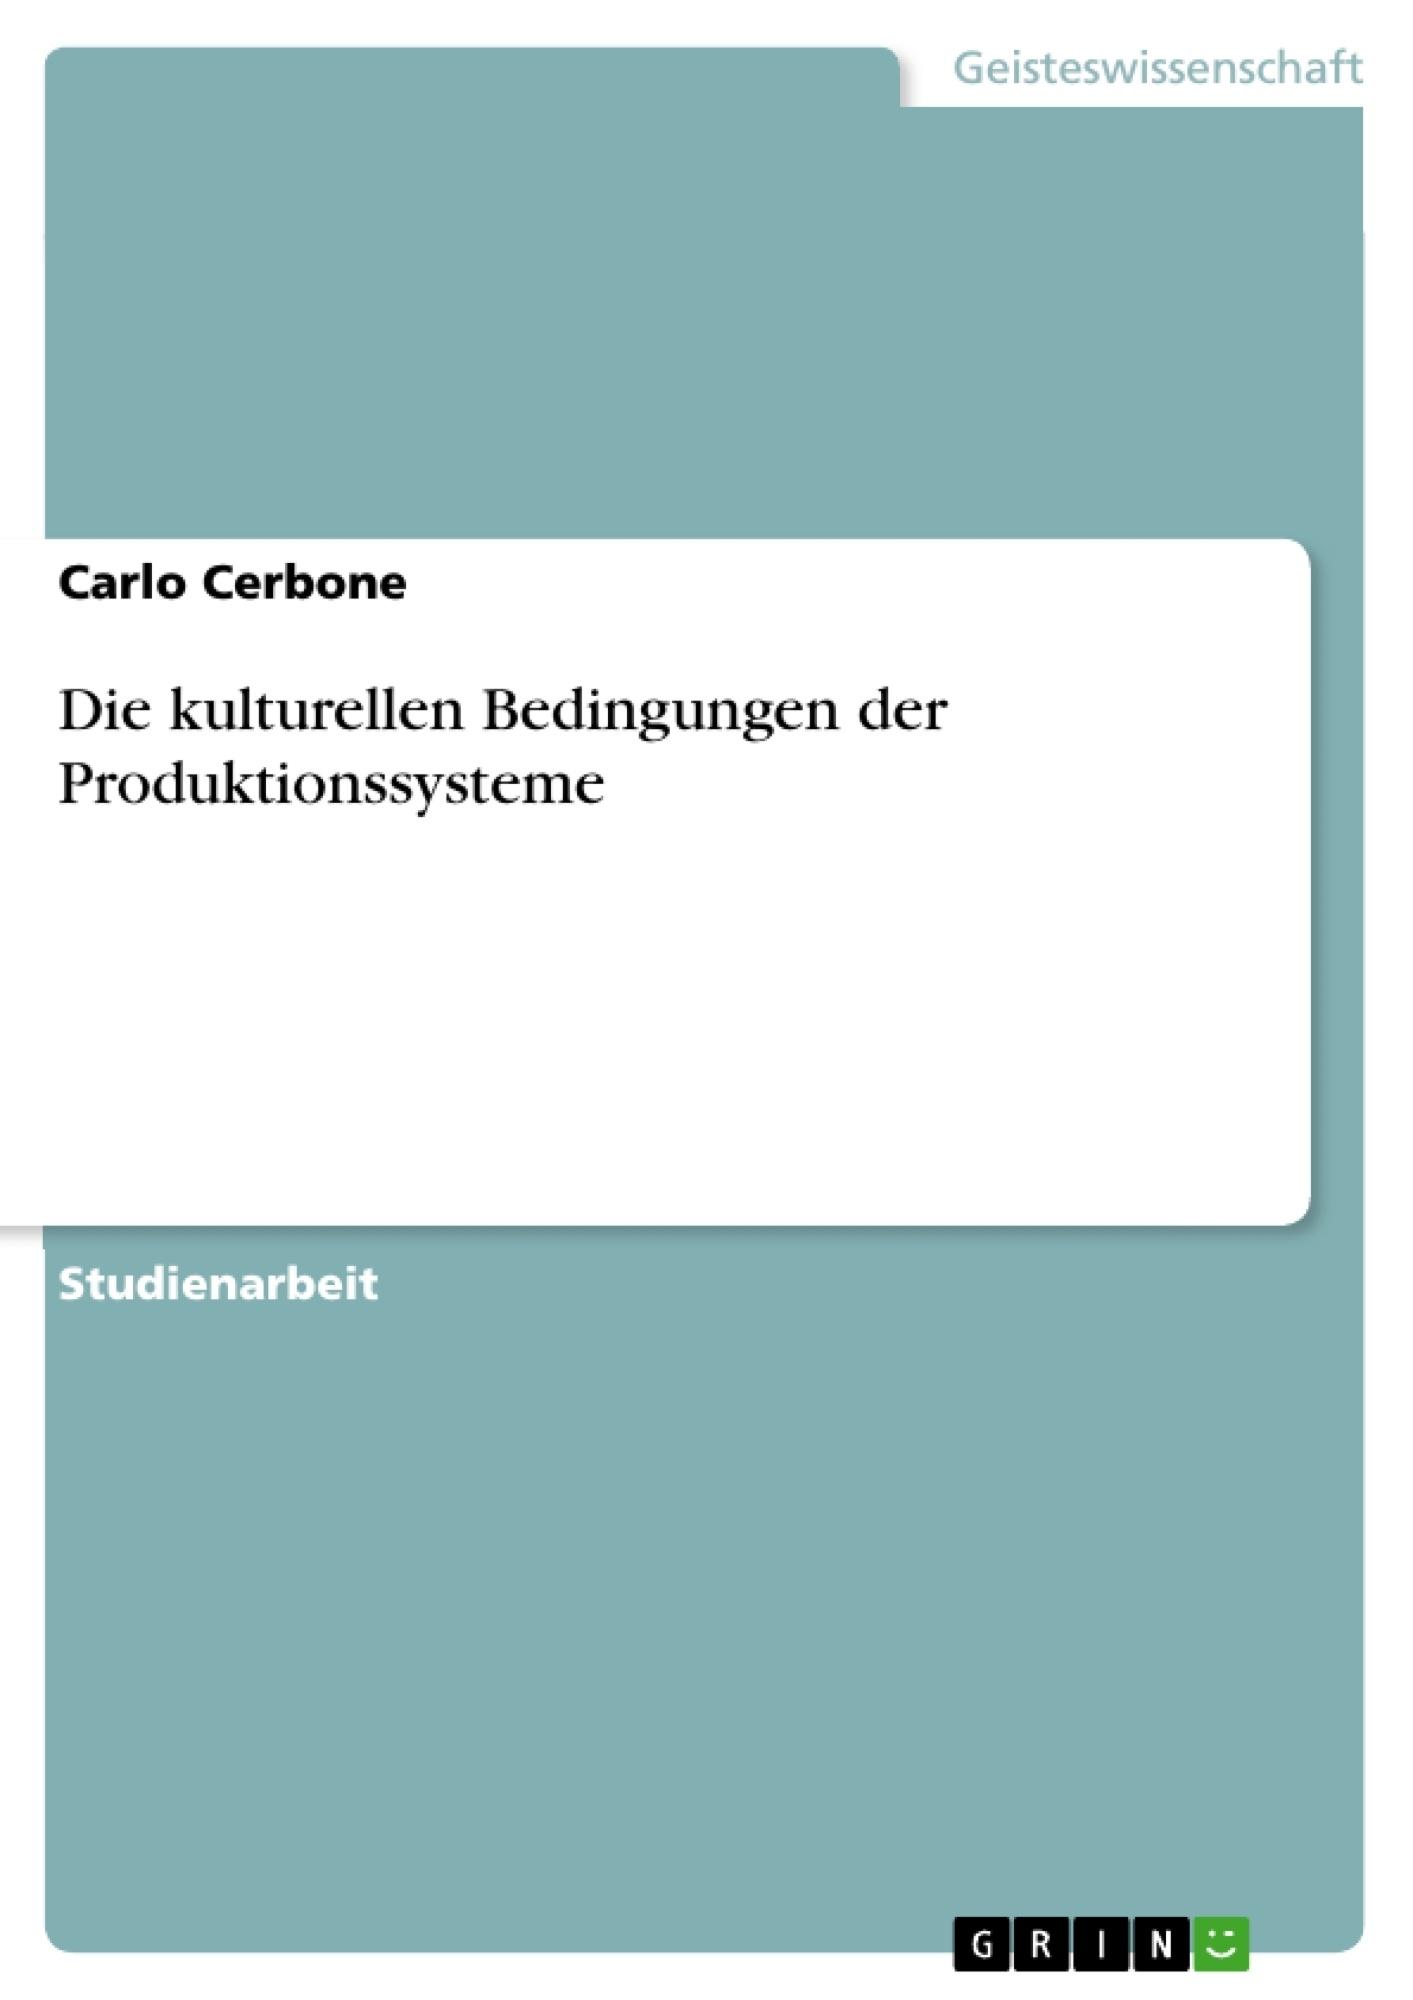 Titel: Die kulturellen Bedingungen der Produktionssysteme